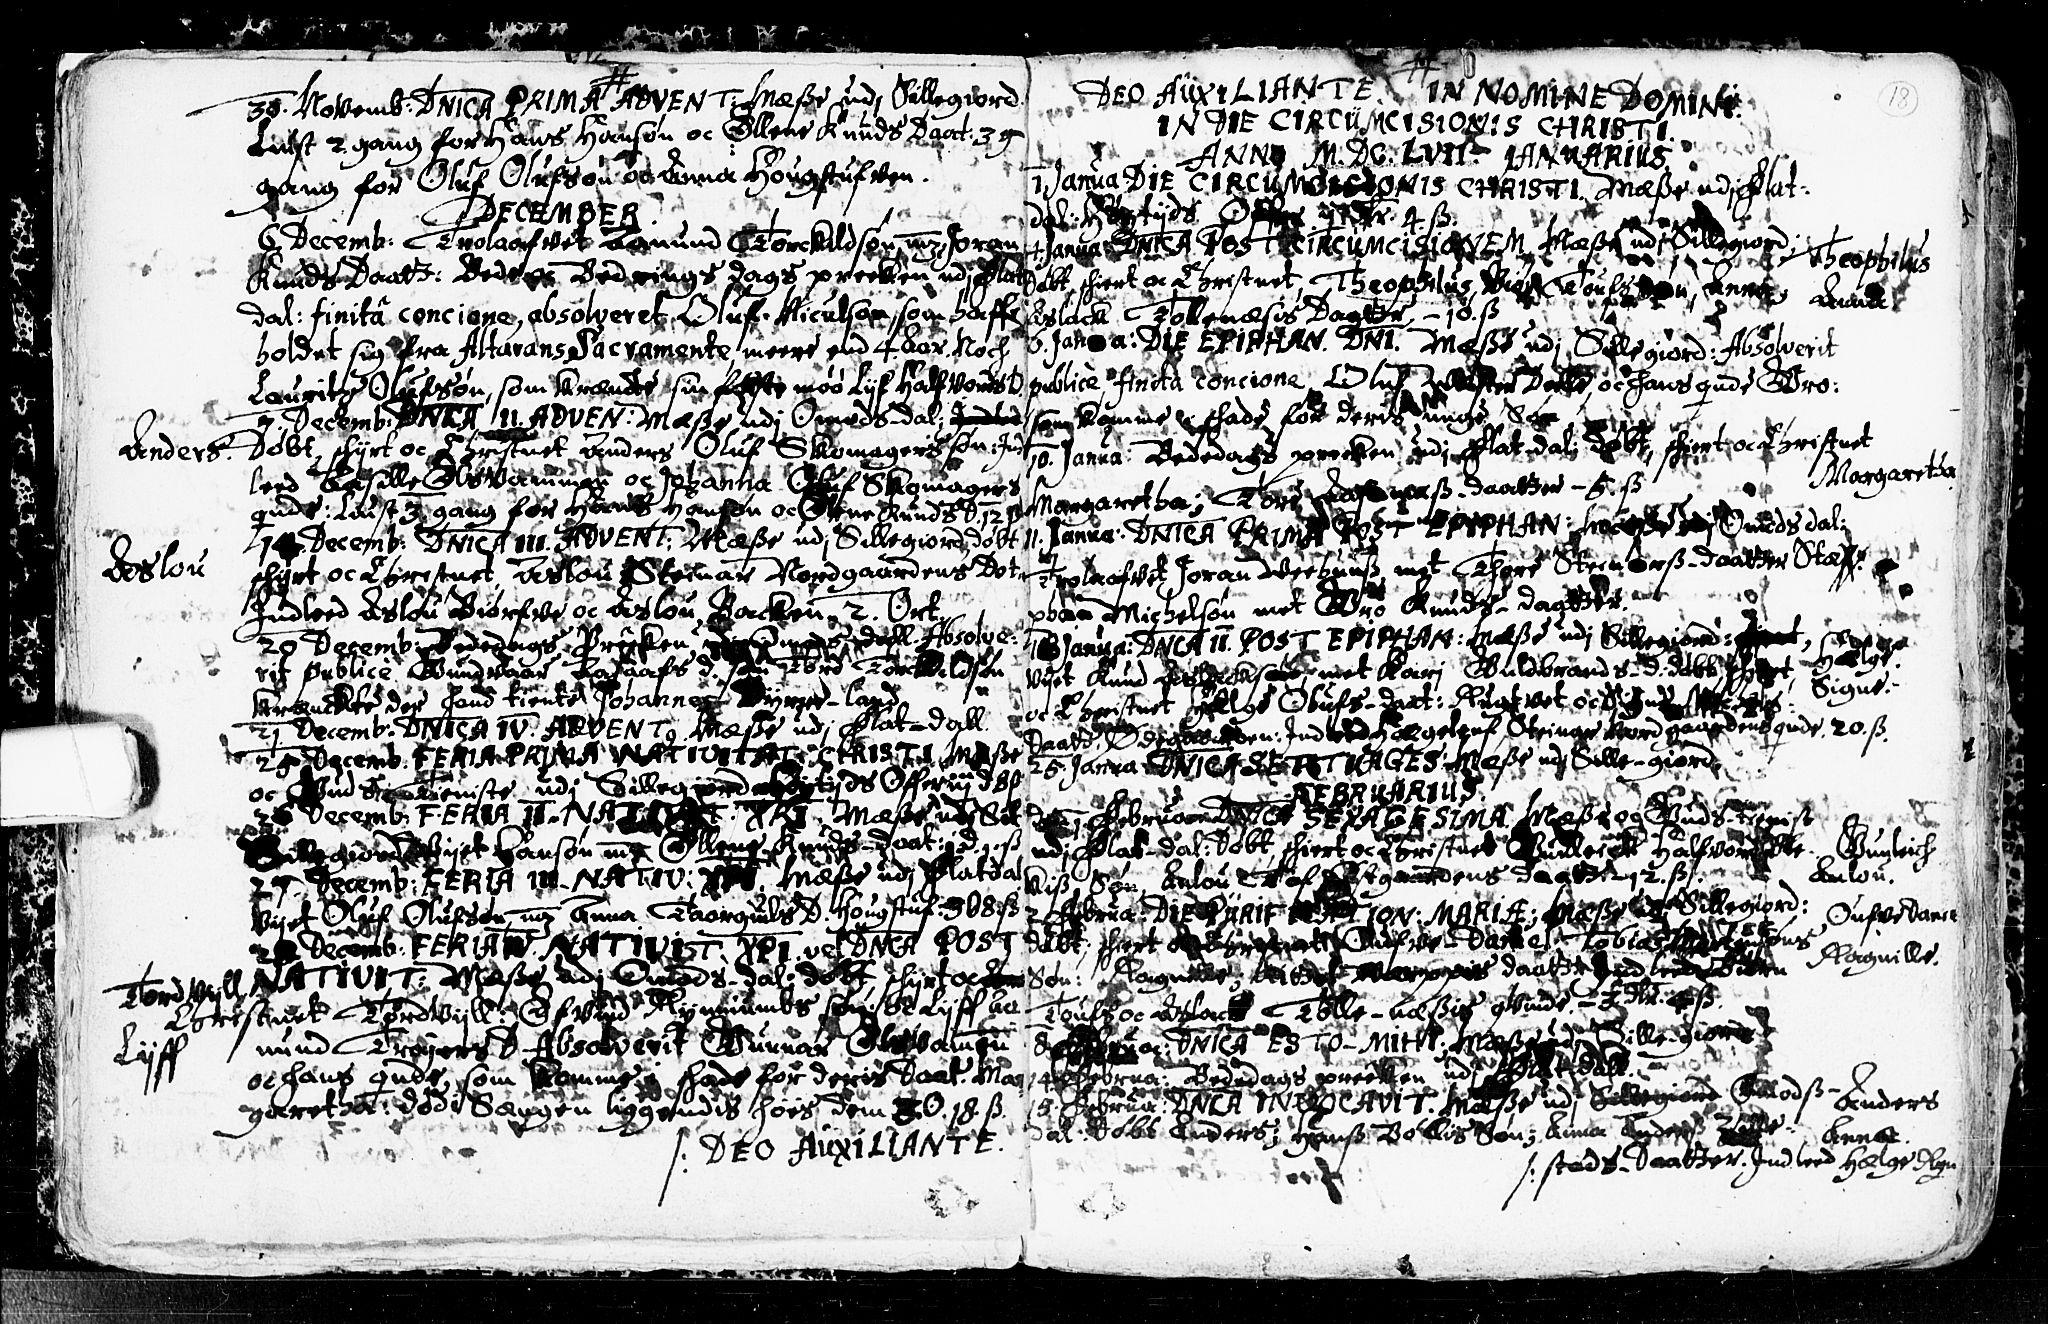 SAKO, Seljord kirkebøker, F/Fa/L0001: Ministerialbok nr. I 1, 1654-1686, s. 18